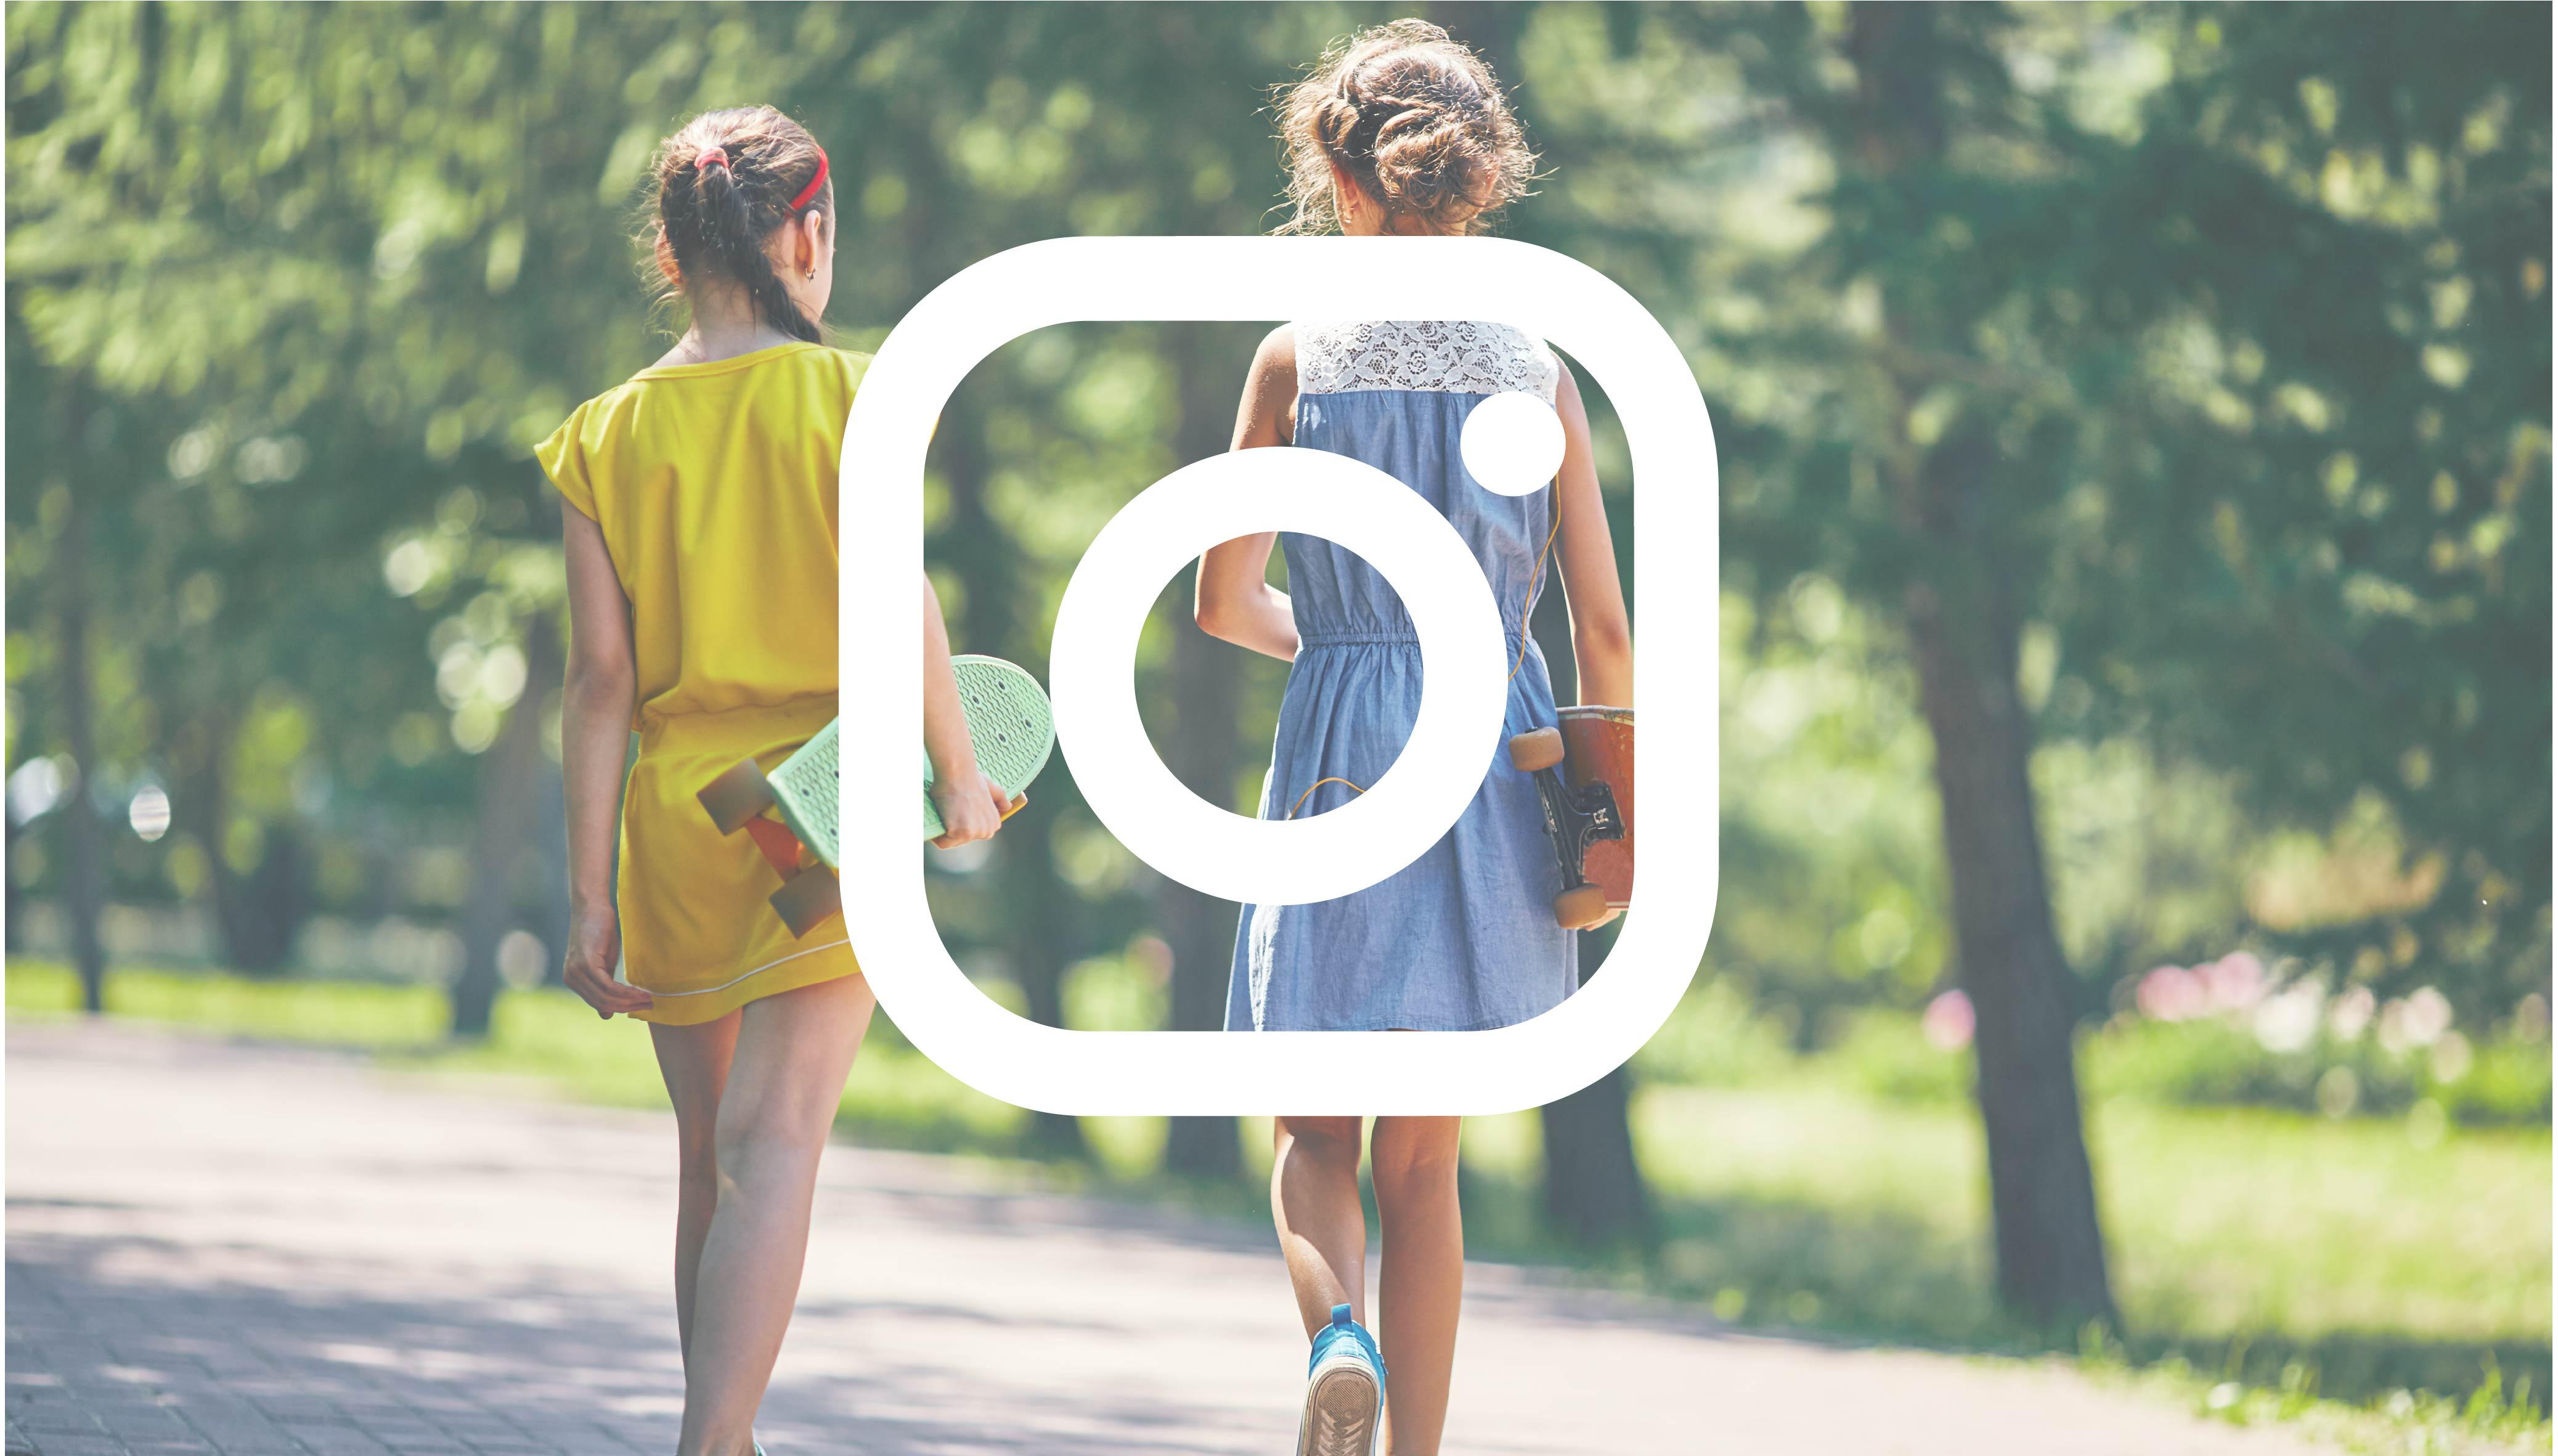 Bild med två tjejer med skateboards i grönska med instagram logotypen ovanpå